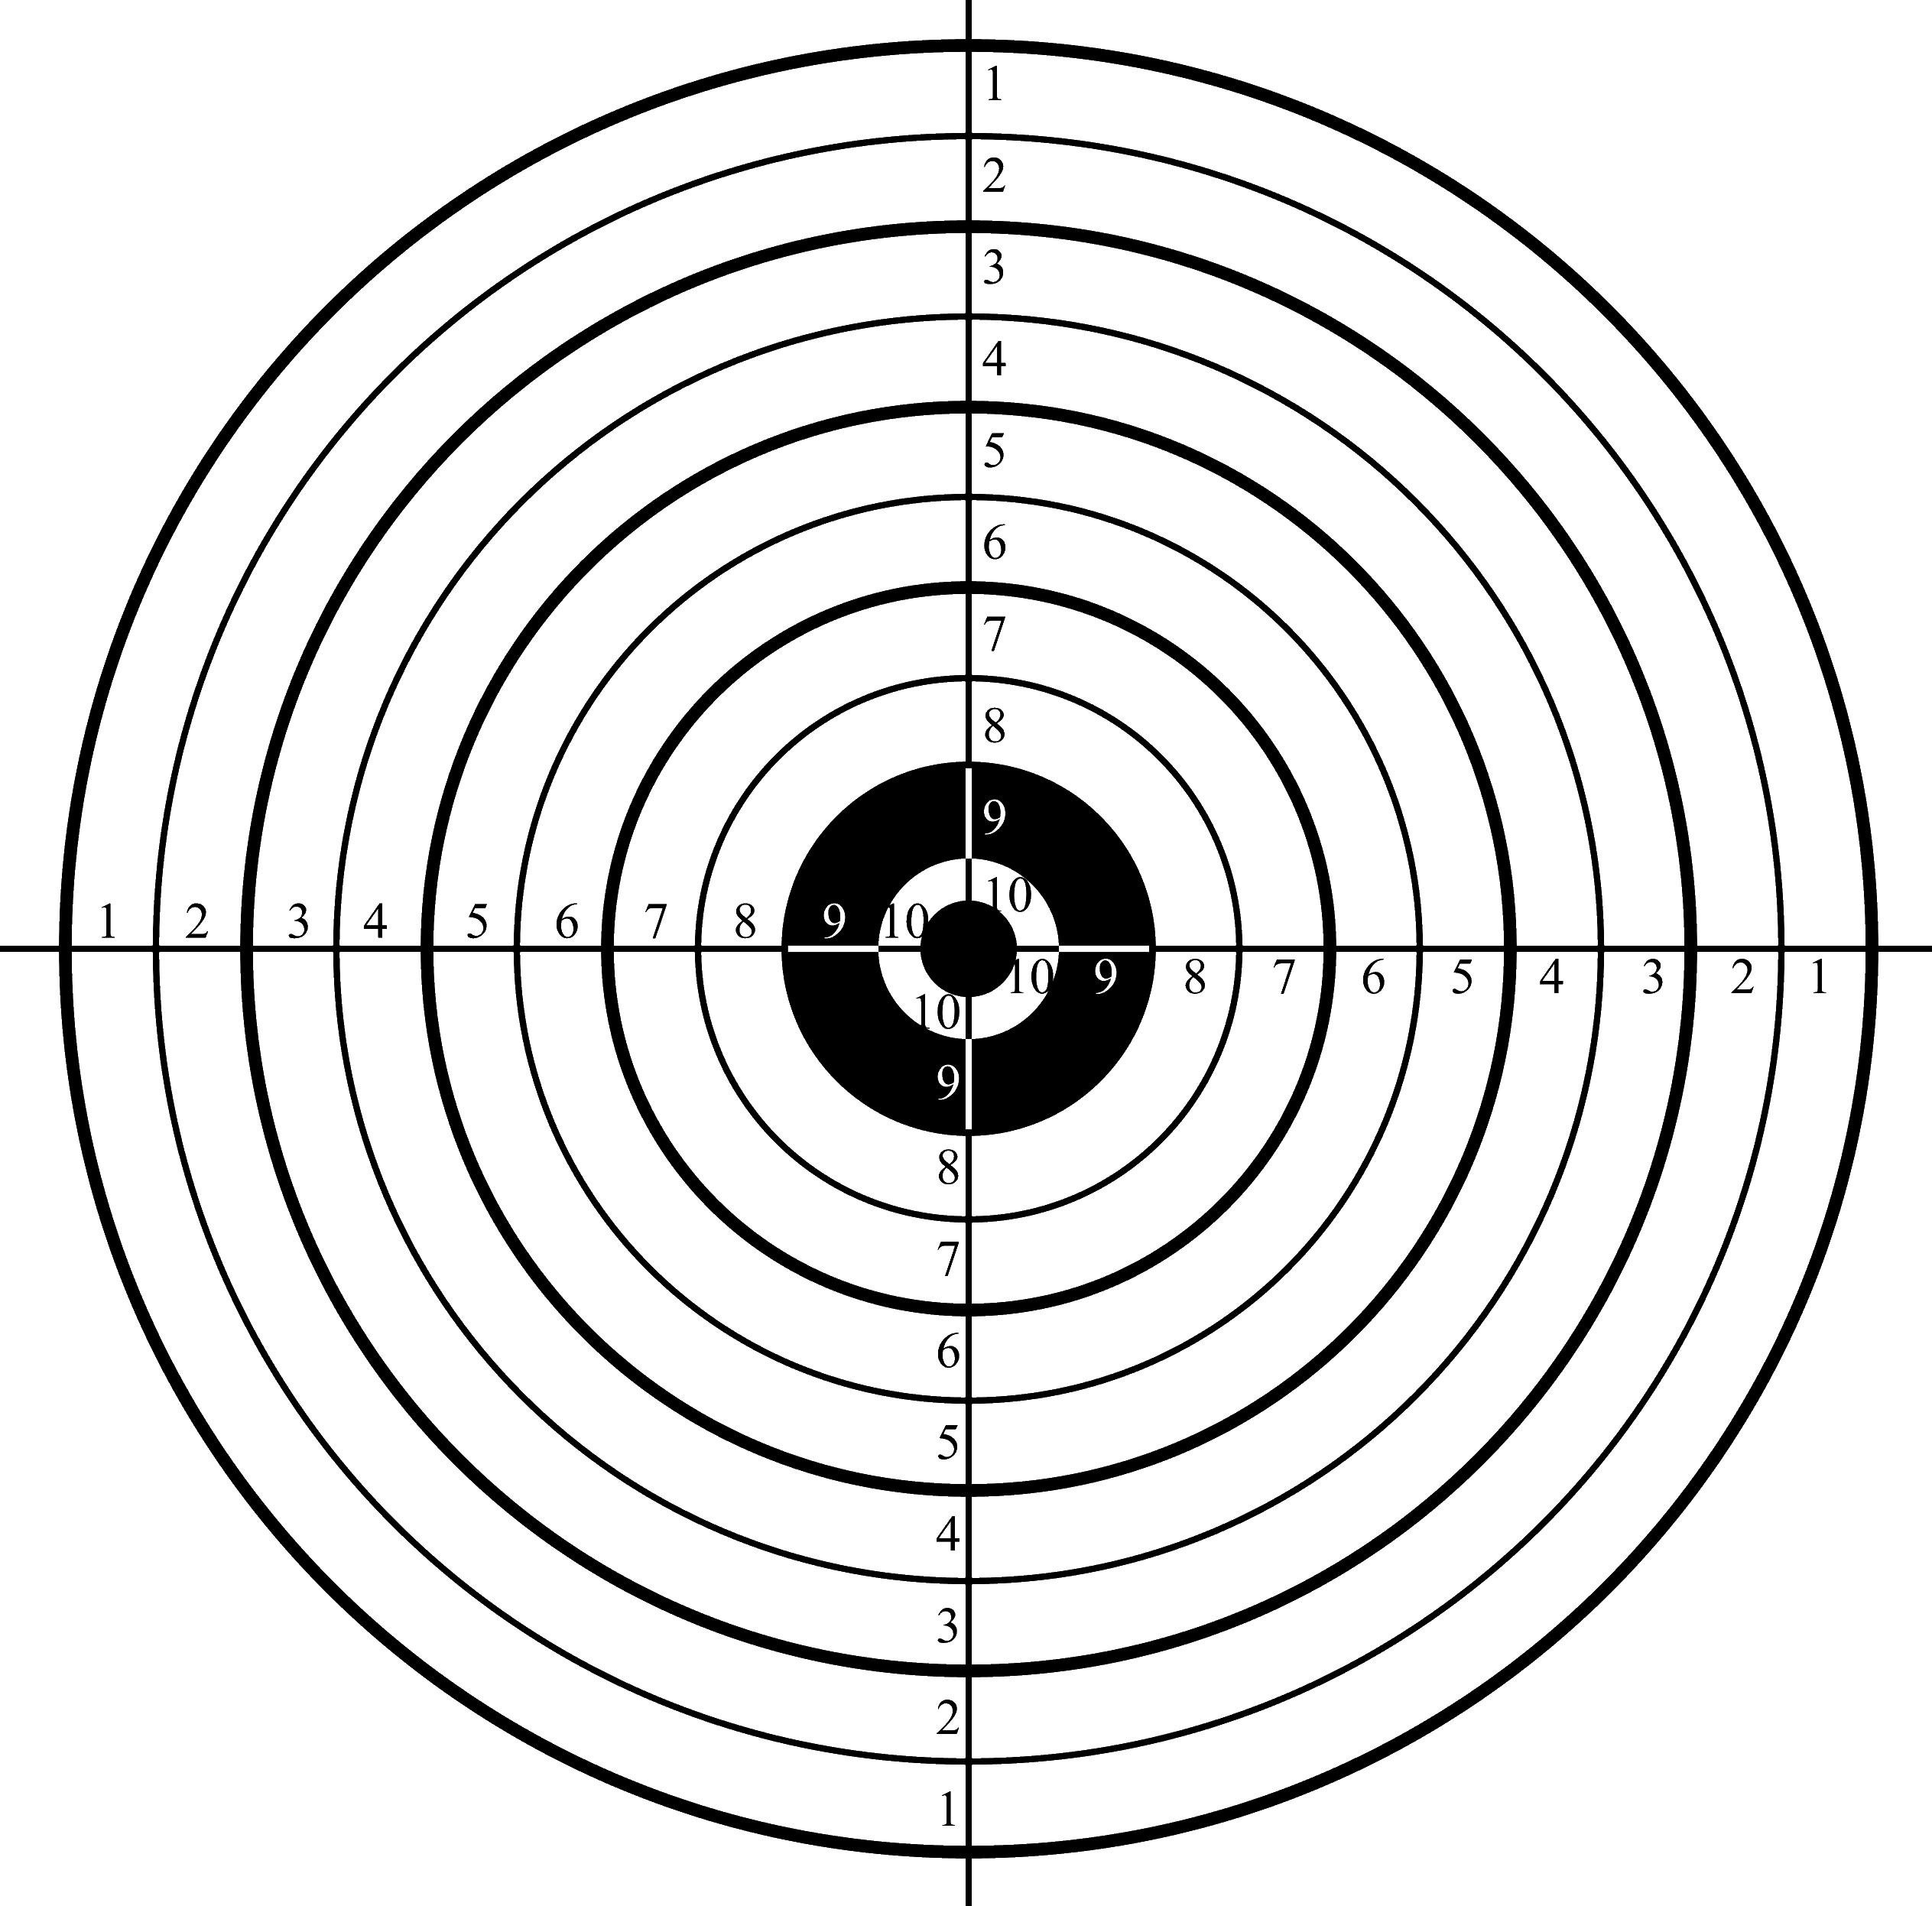 Printable Shooting Targets Pdf - Free Printable Targets For Shooting Practice